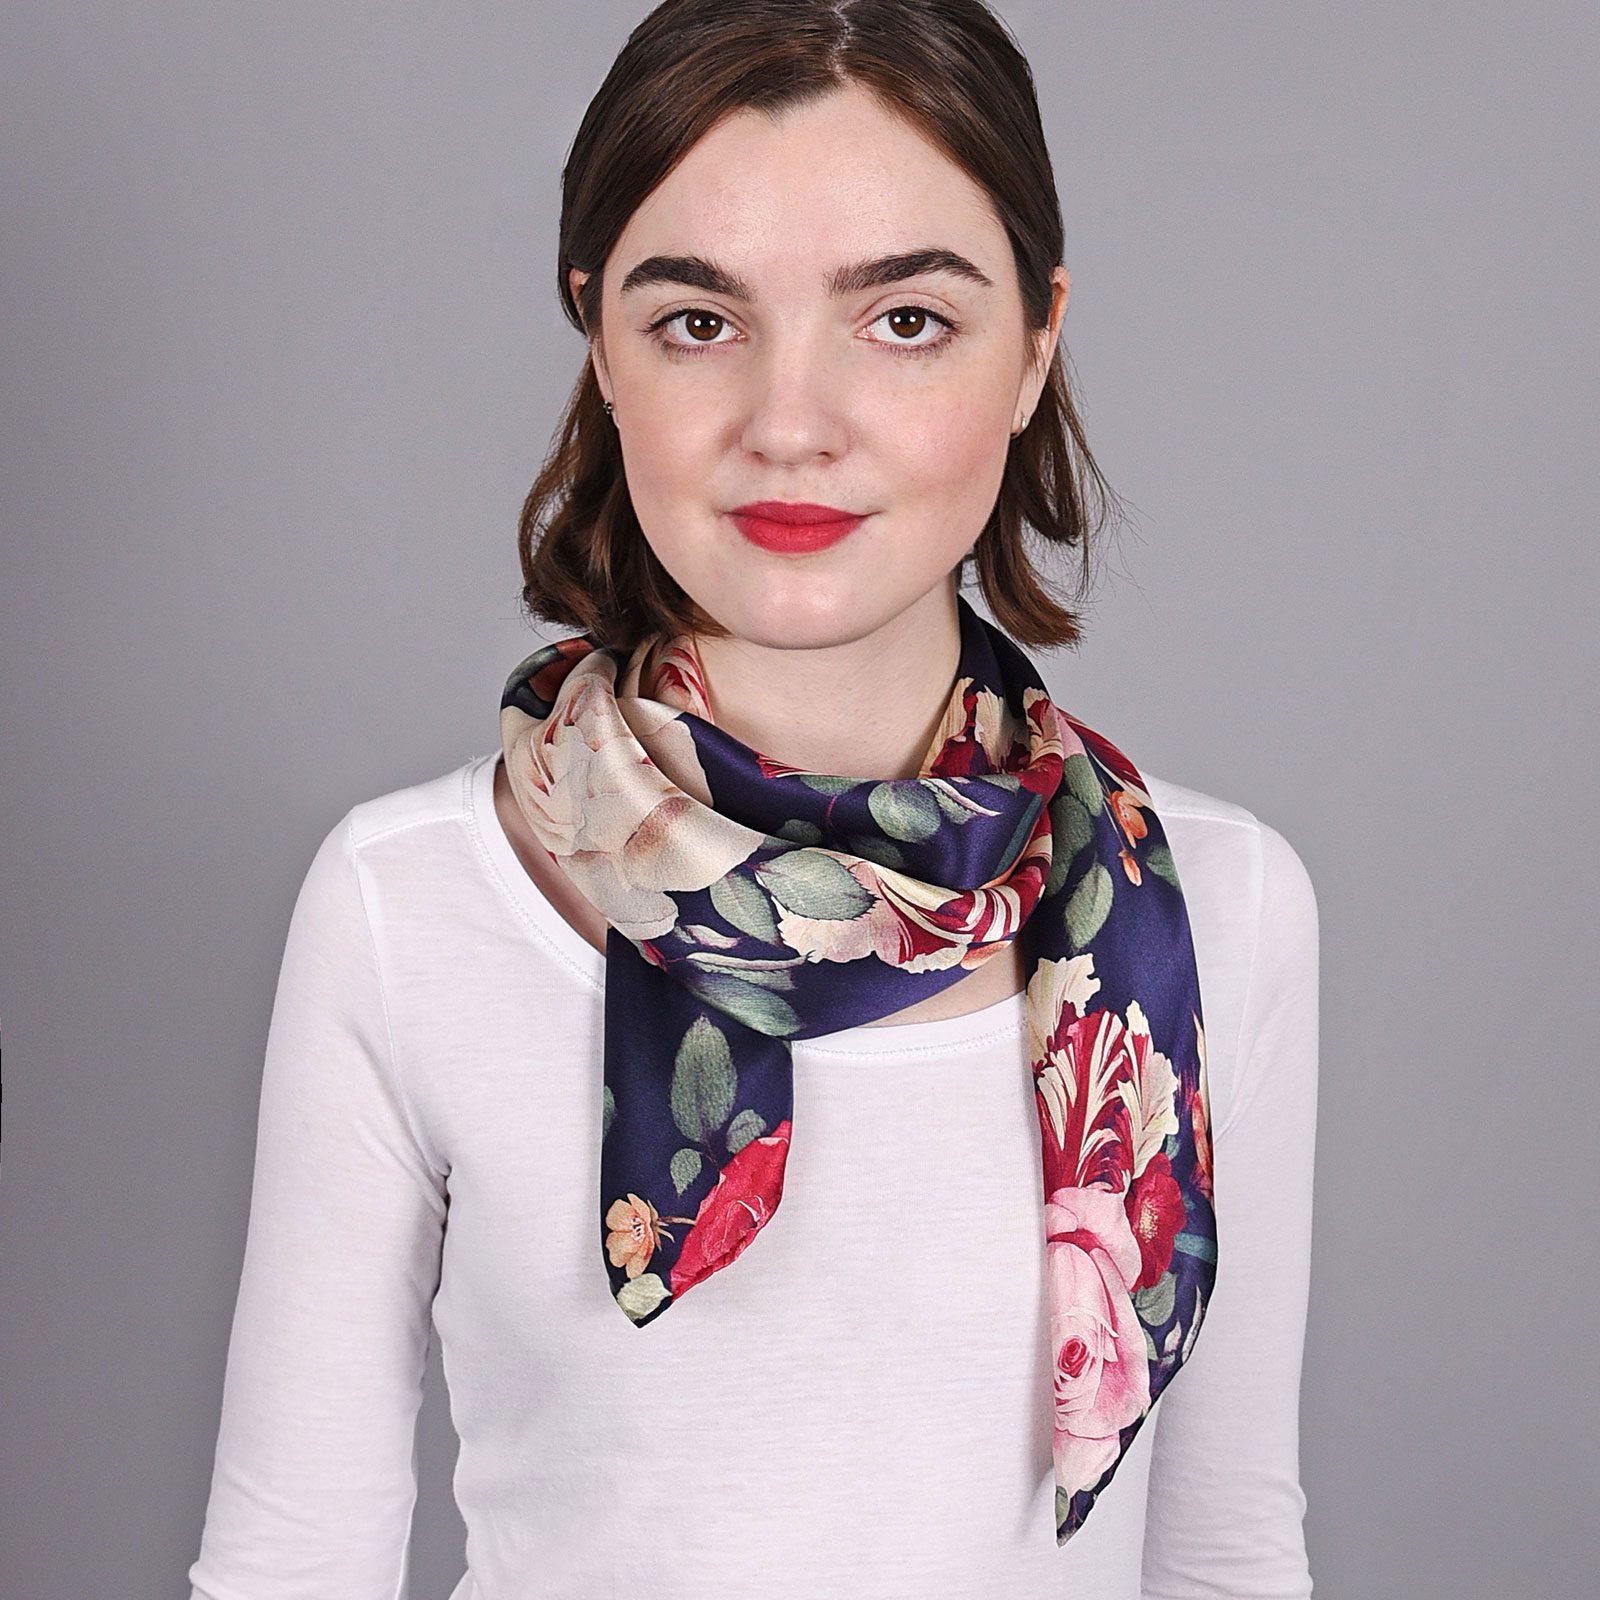 http://lookbook.allee-du-foulard.fr/wp-content/uploads/2018/11/AT-03869-V16-carre-soie-bleu-roses-multicolores-1600x1600.jpg